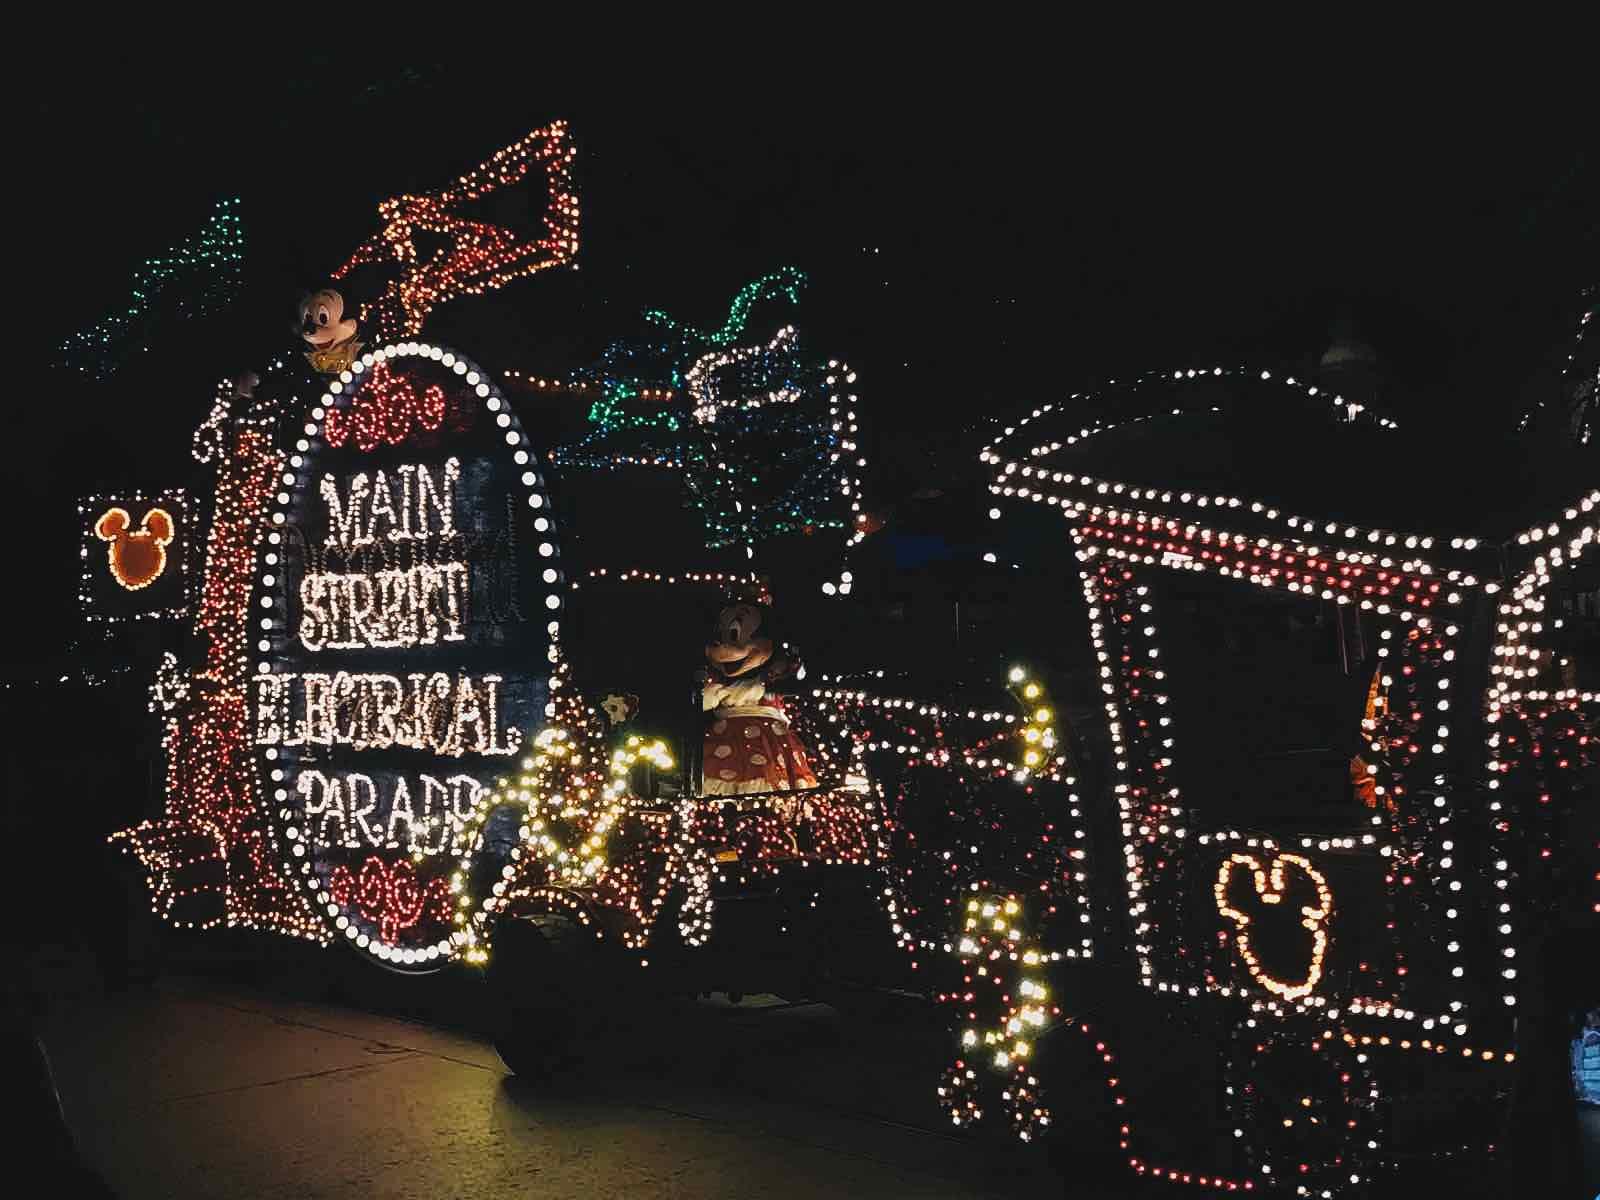 main-street-electrical-parade-disneyland.jpg